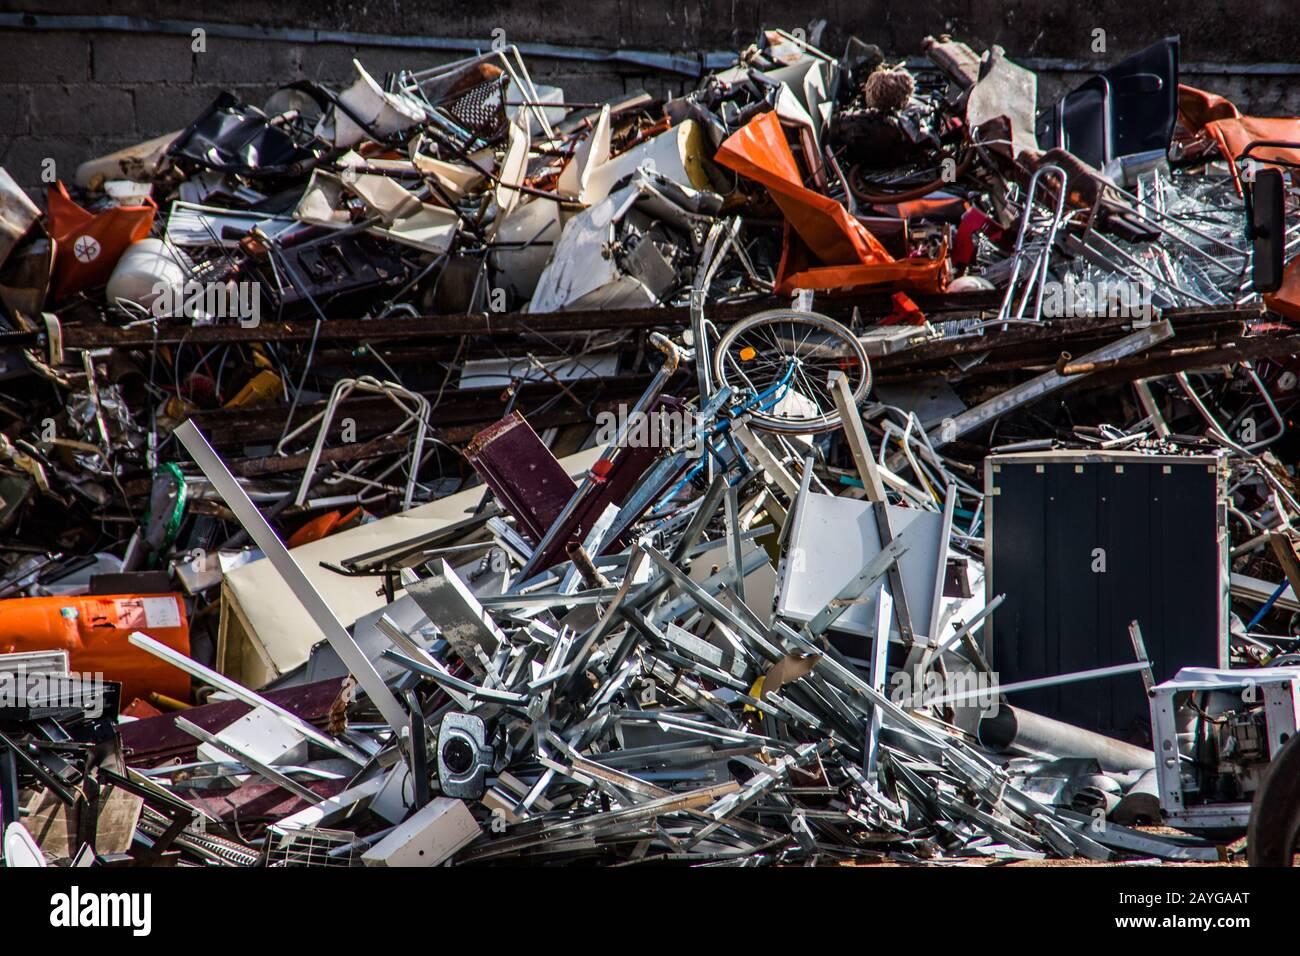 Scrap metal in the junkyard Stock Photo